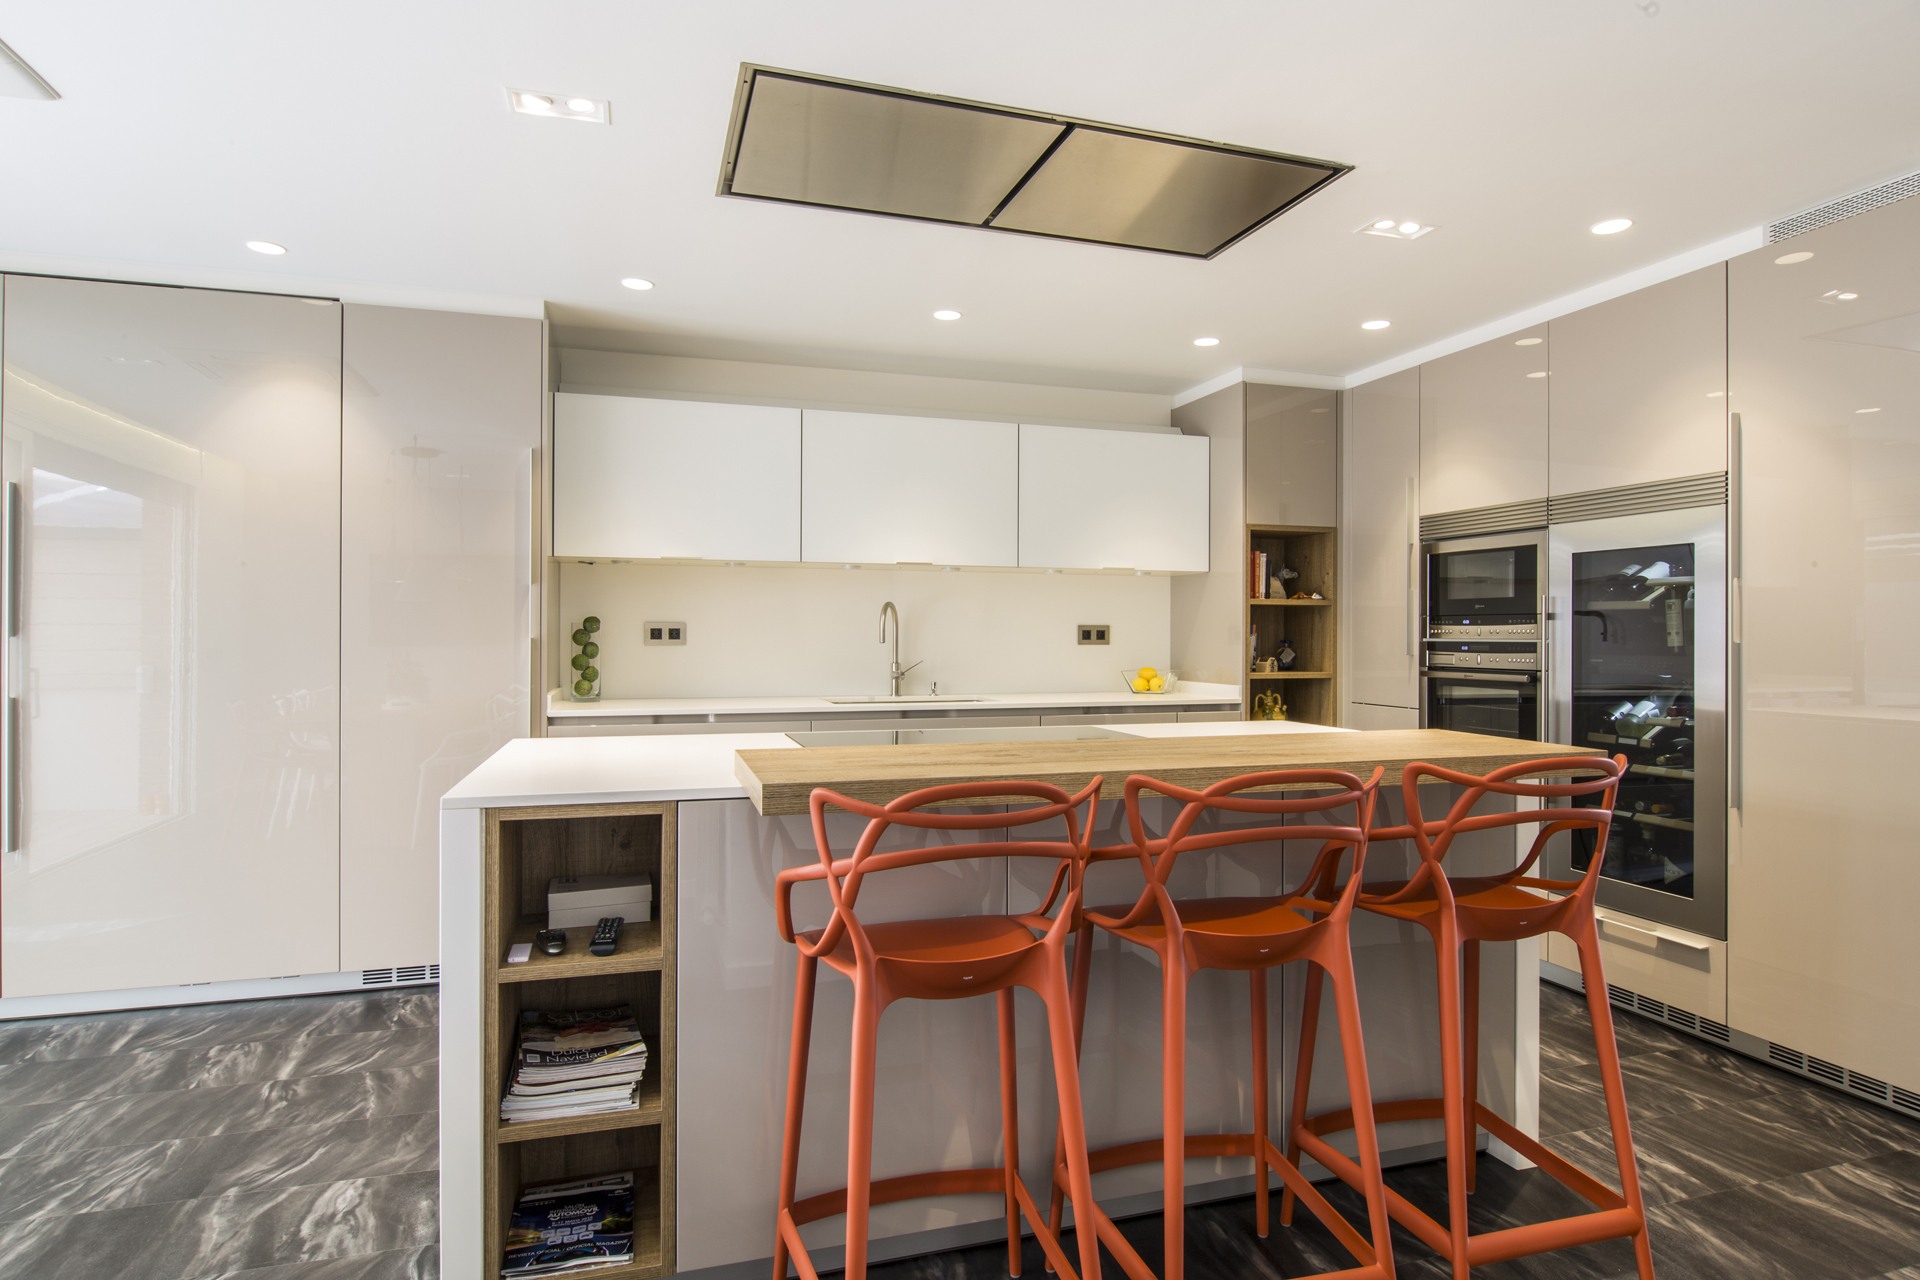 Una buena idea cocina abierta con una gran isla central for Cocinas con isla y salon